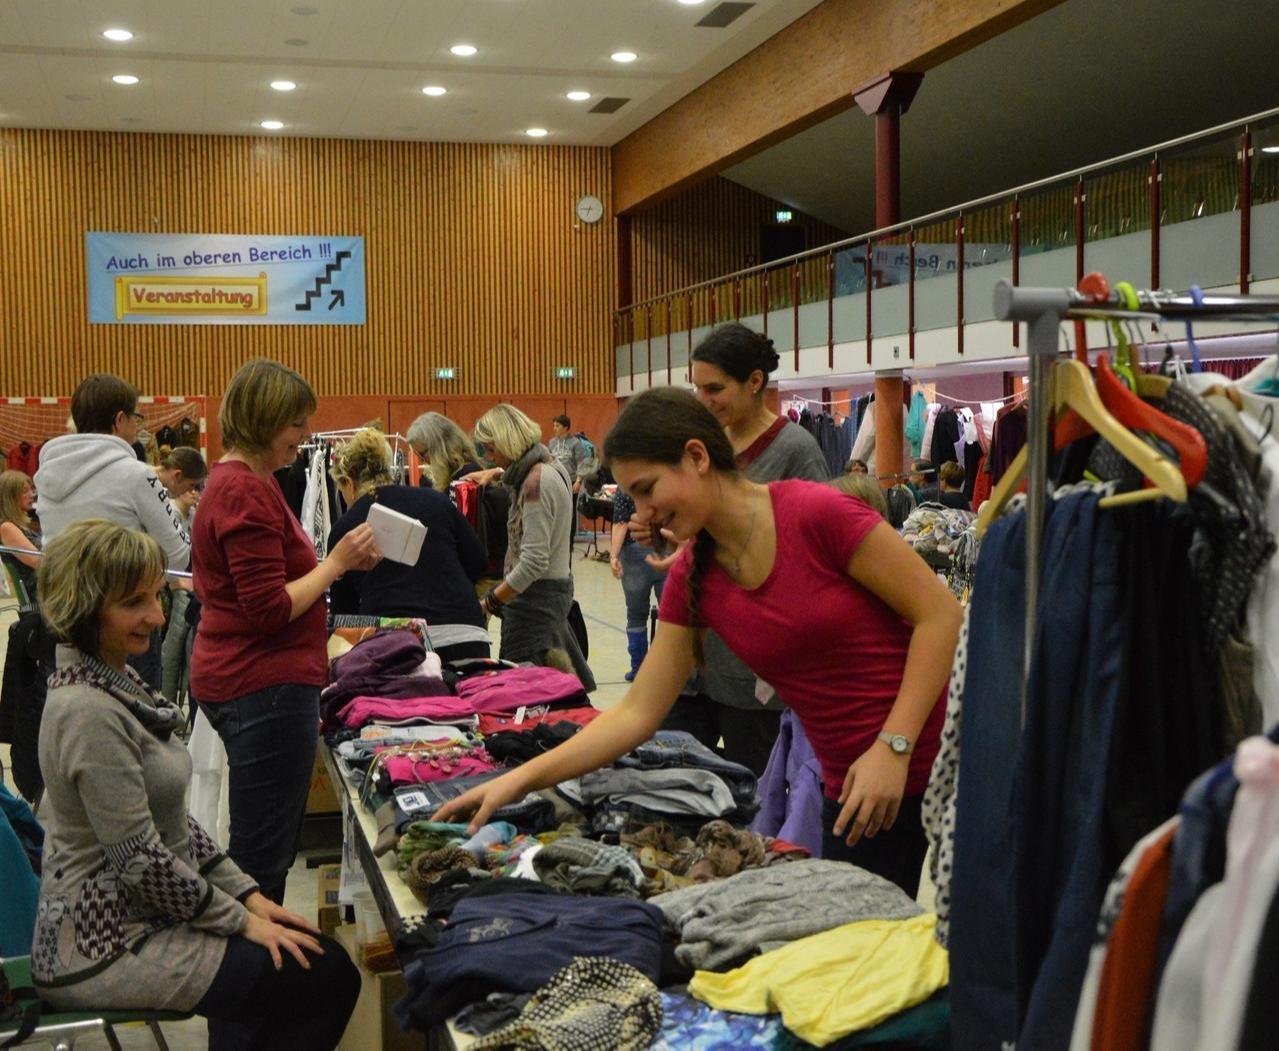 Anmeldungen für die Kleiderbörse